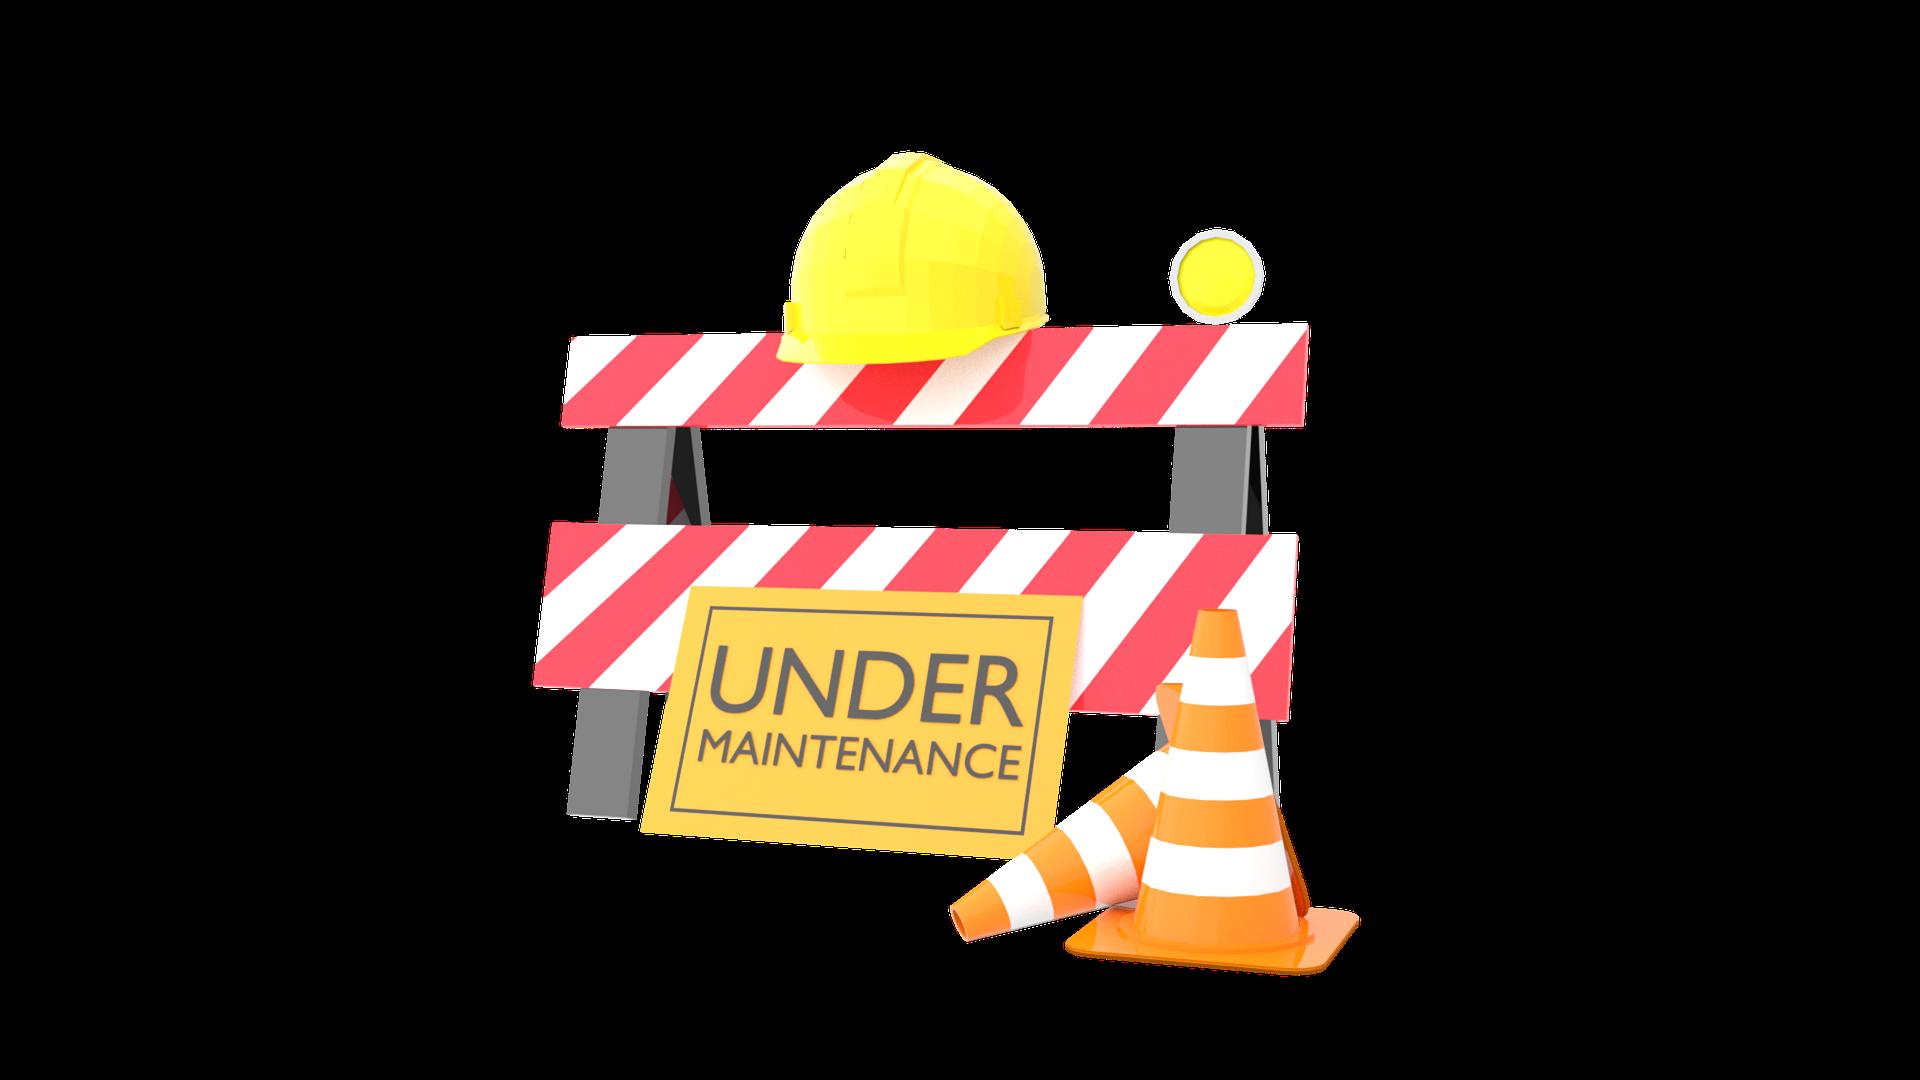 Comunicado: manutenção do Portal de Serviços Jucemg